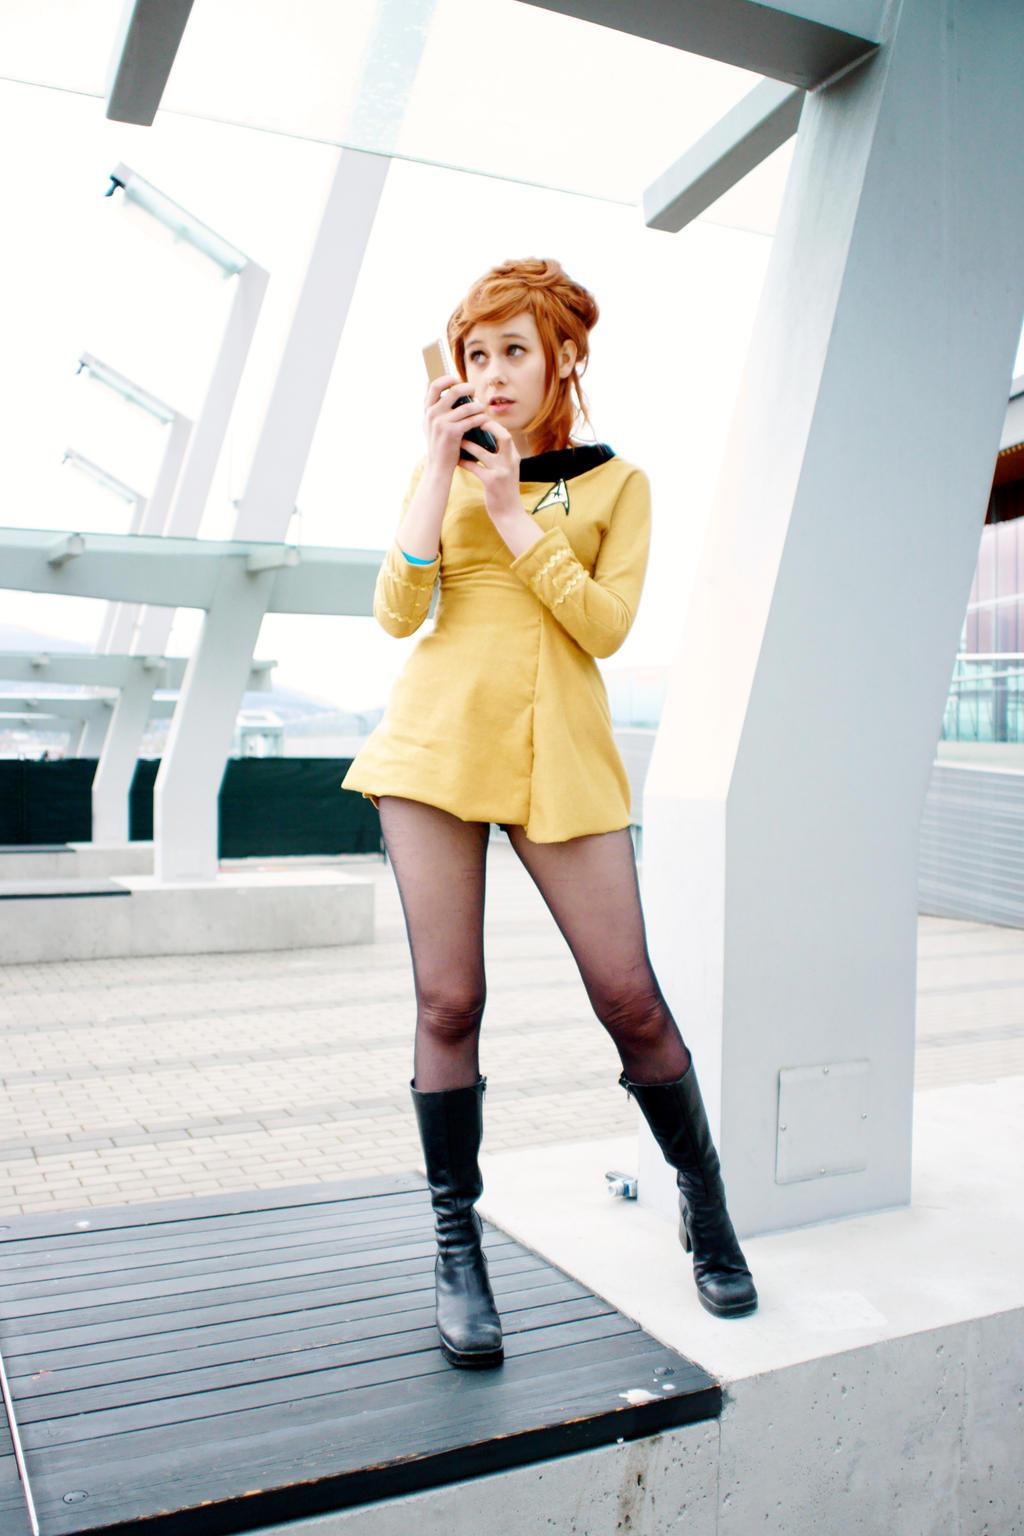 Kirk to Enterprise by Emmaliene